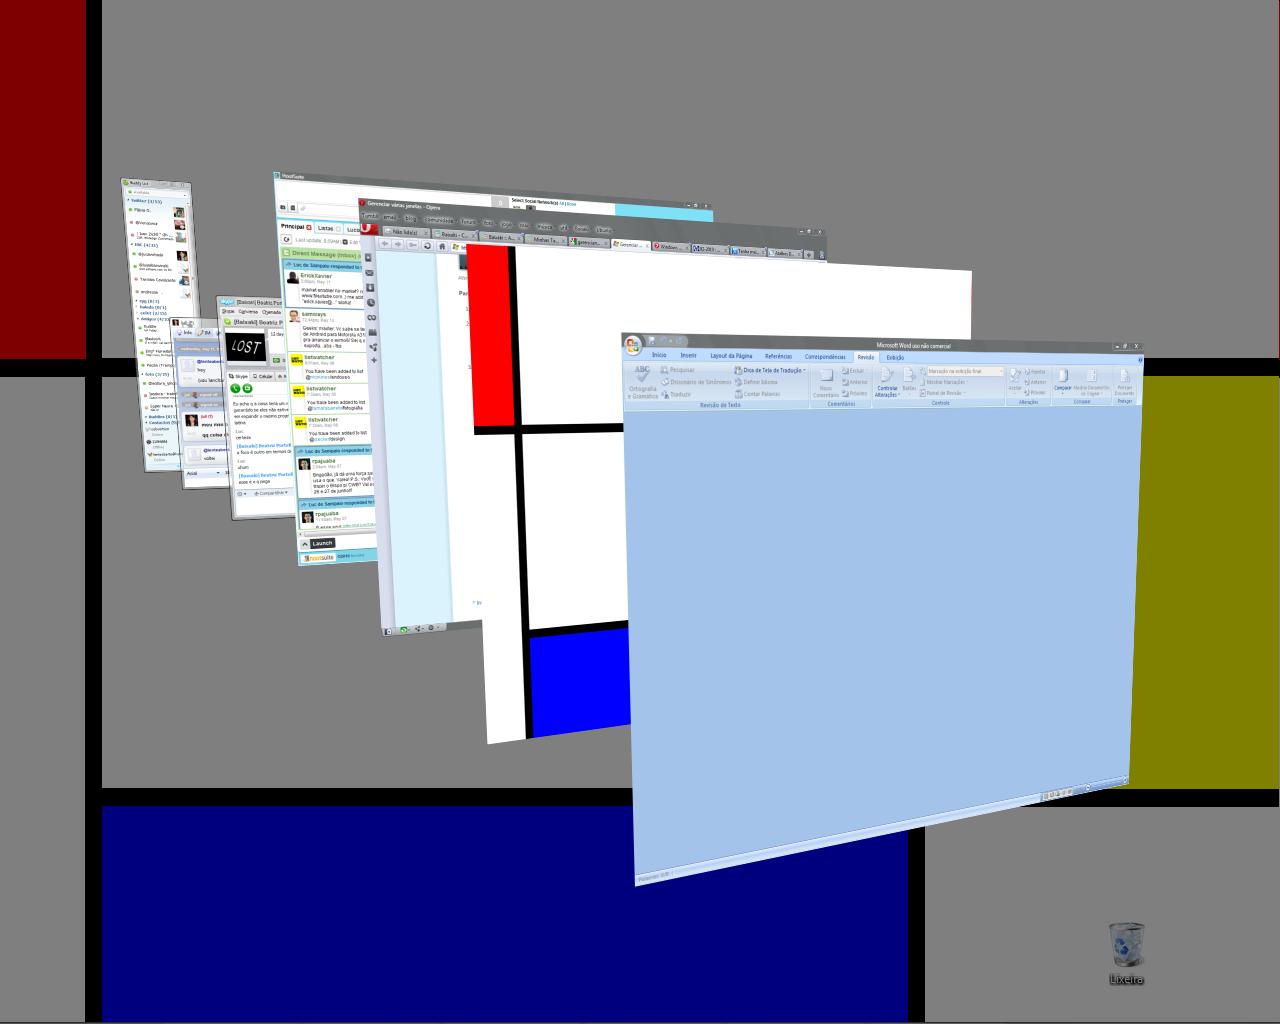 O atalho Win+Tab do Windows 7 ou Vista cria uma visualização 3D das janelas abertas